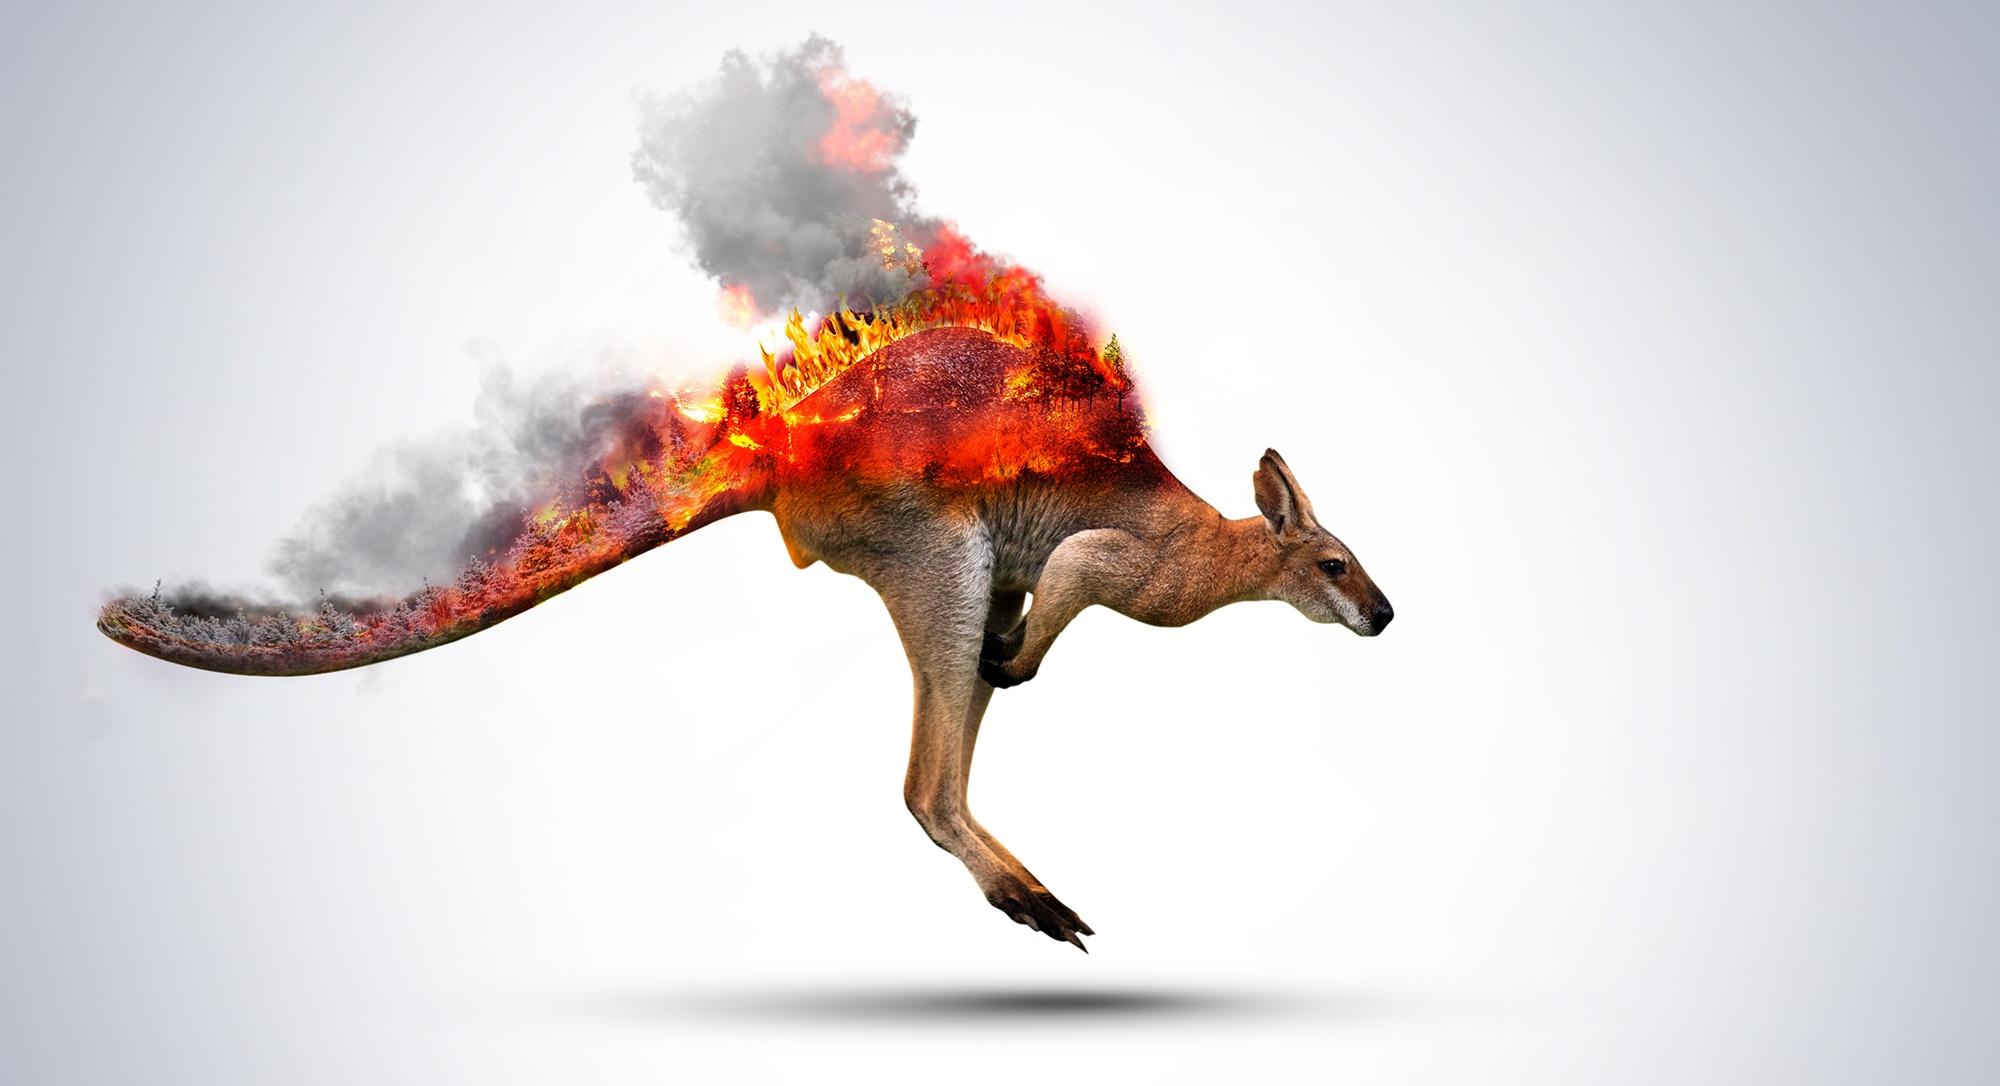 Les Incendies Ravagent L Australie Sydney Suffoque Les Habitants Fuient Les Autorites Font L Eloge Des Centrales A Charbon Journalisme Pensif